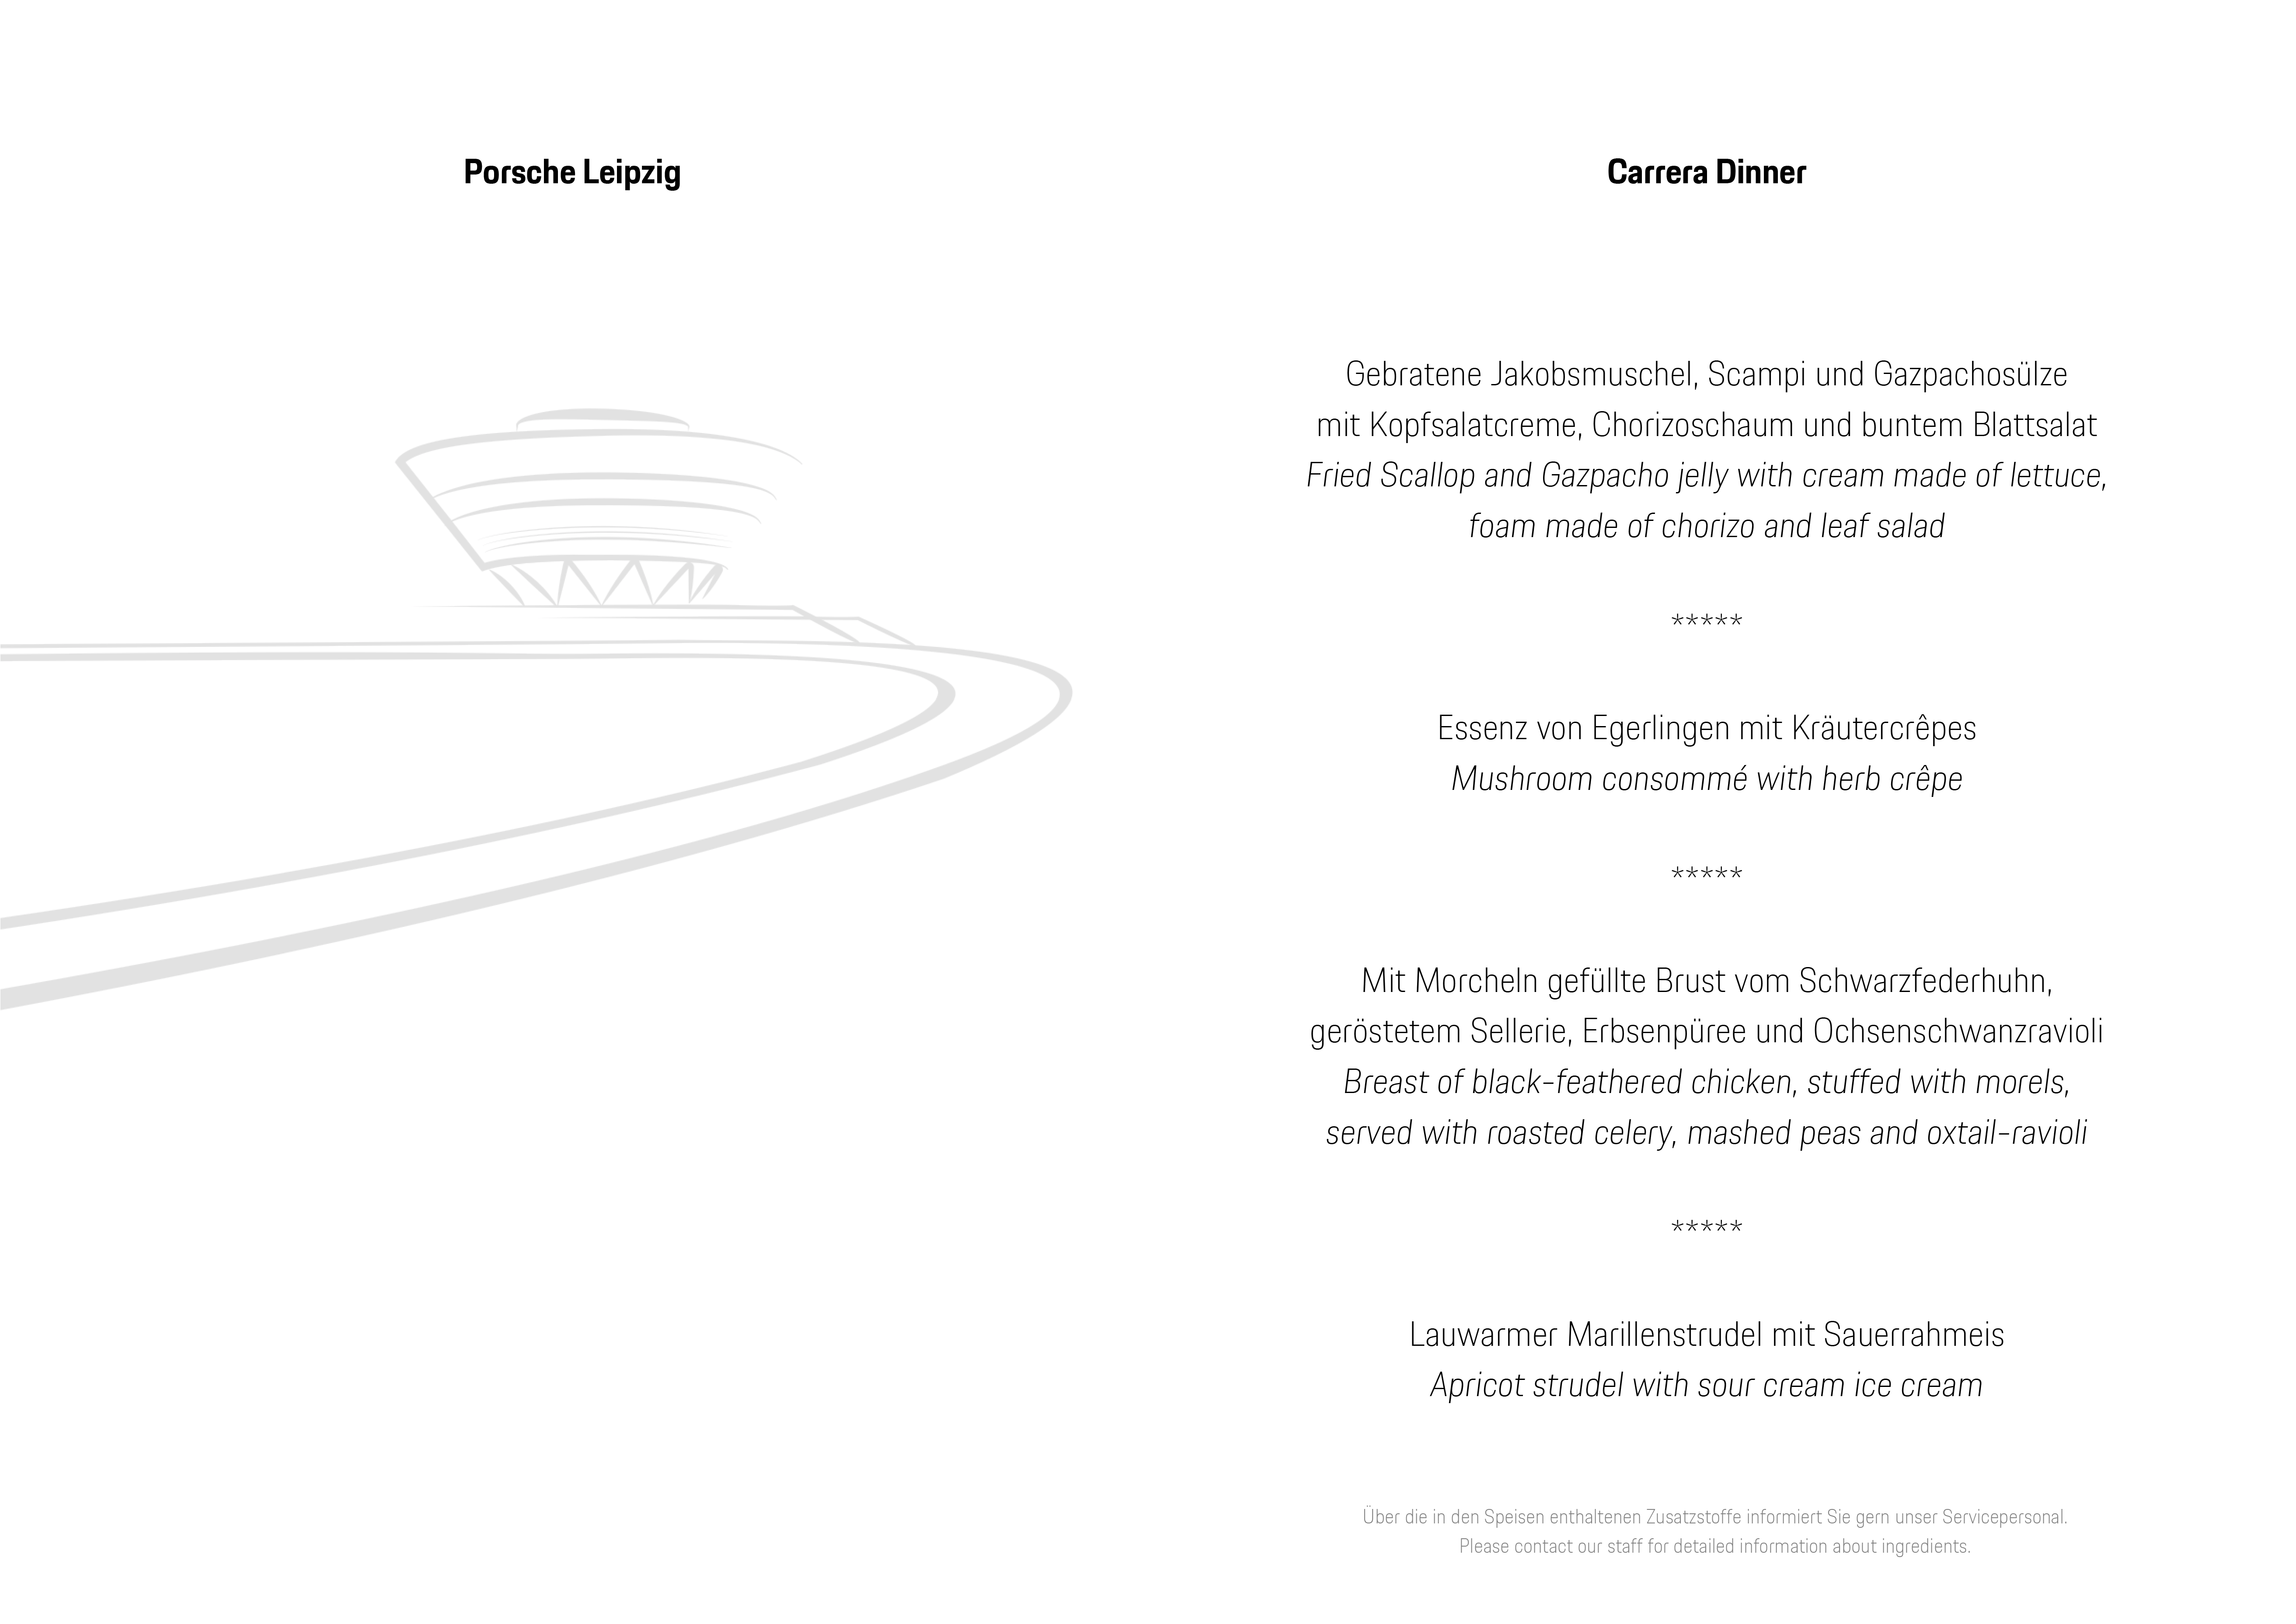 Carrera Dinner - Porsche Leipzig GmbH